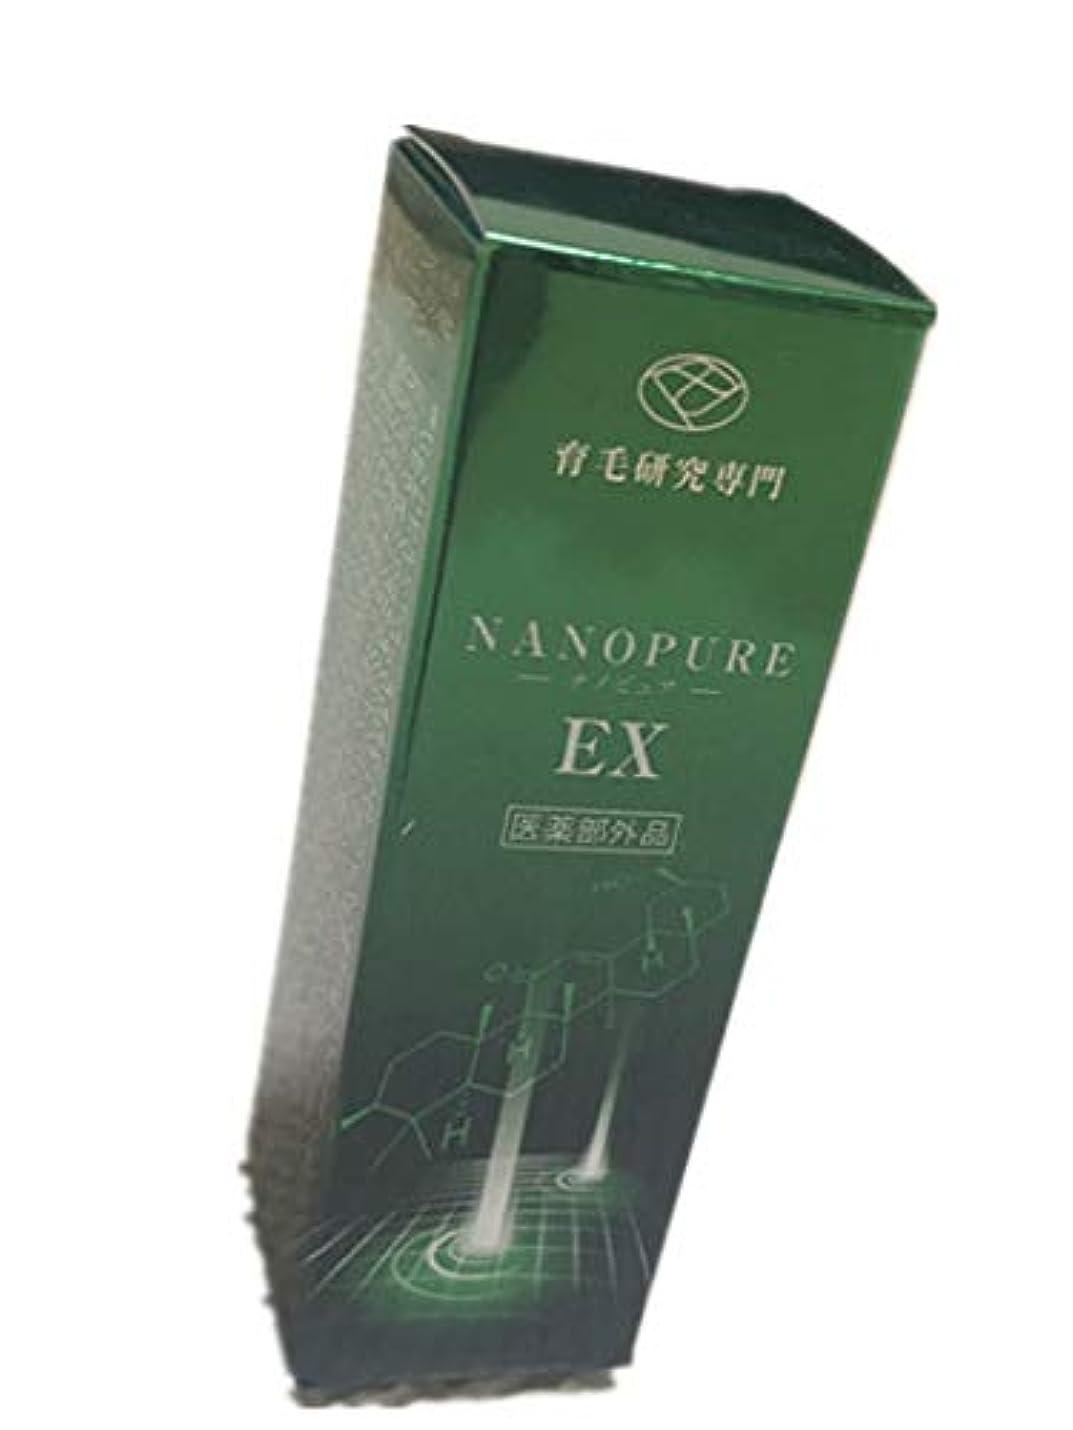 公平なストロー試験NANOPURE育毛剤